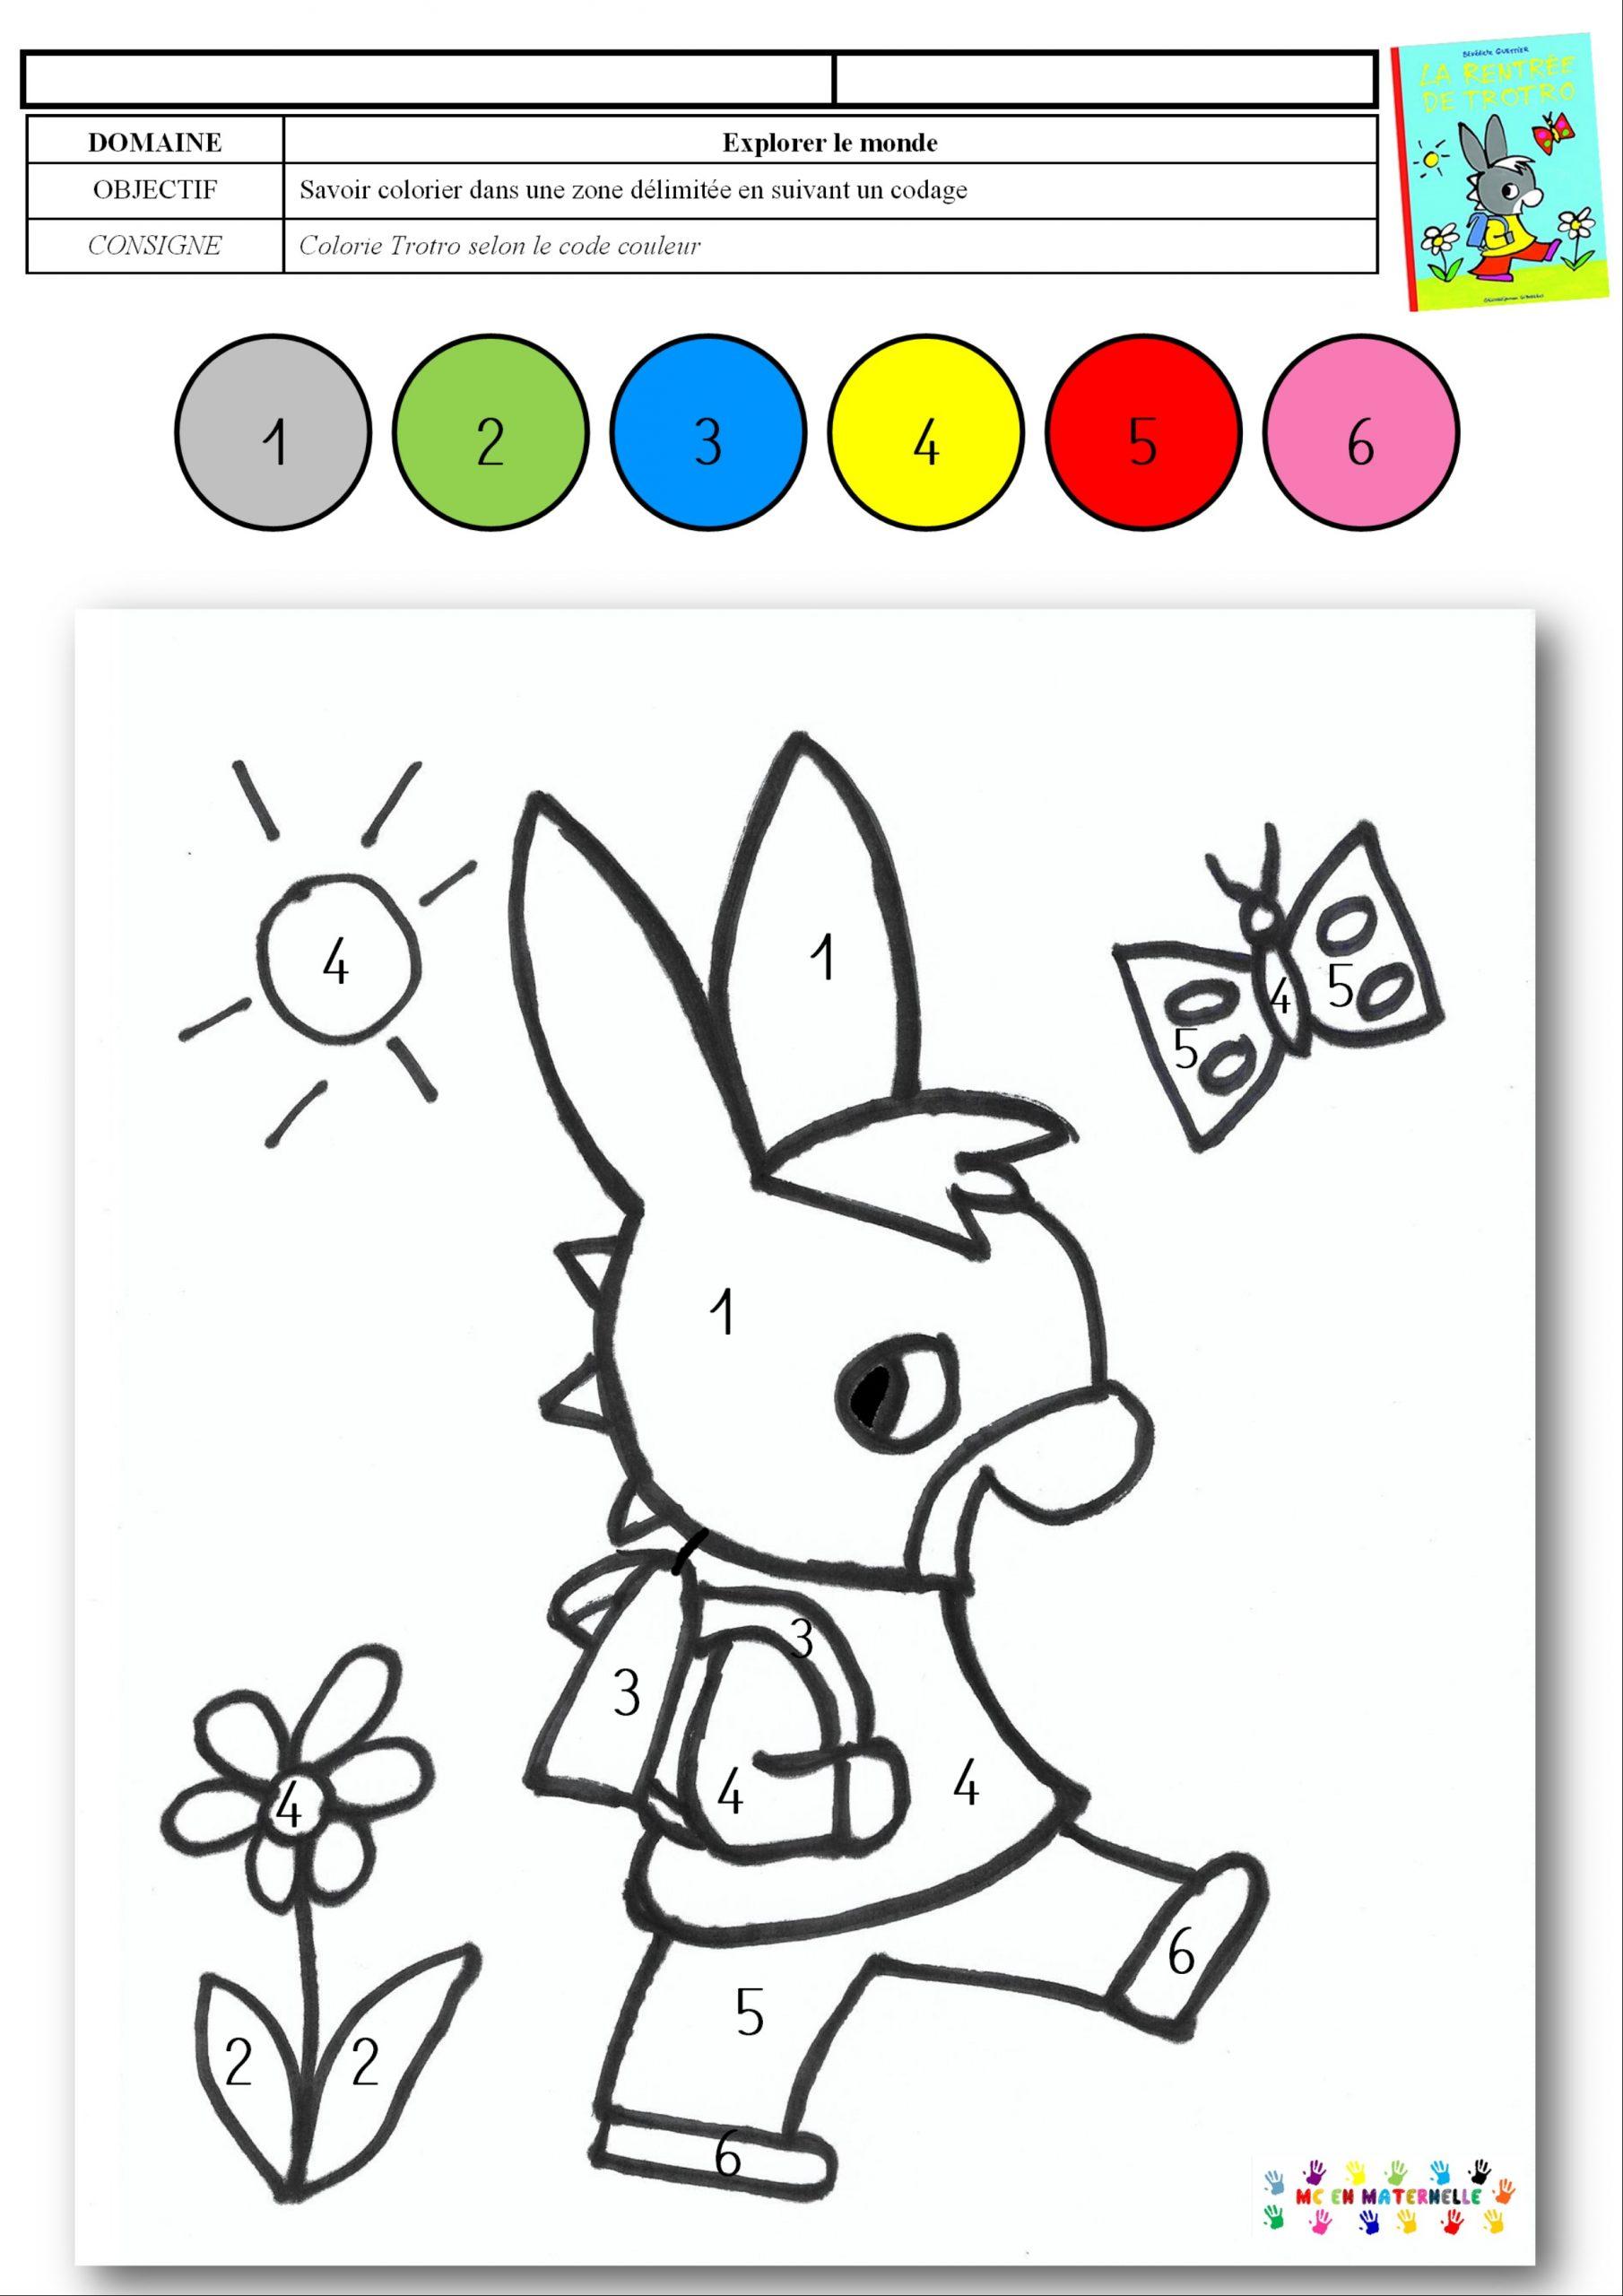 La Rentrée De Trotro : Coloriage Magique – Mc En Maternelle à Coloriage Magique Gs À Imprimer